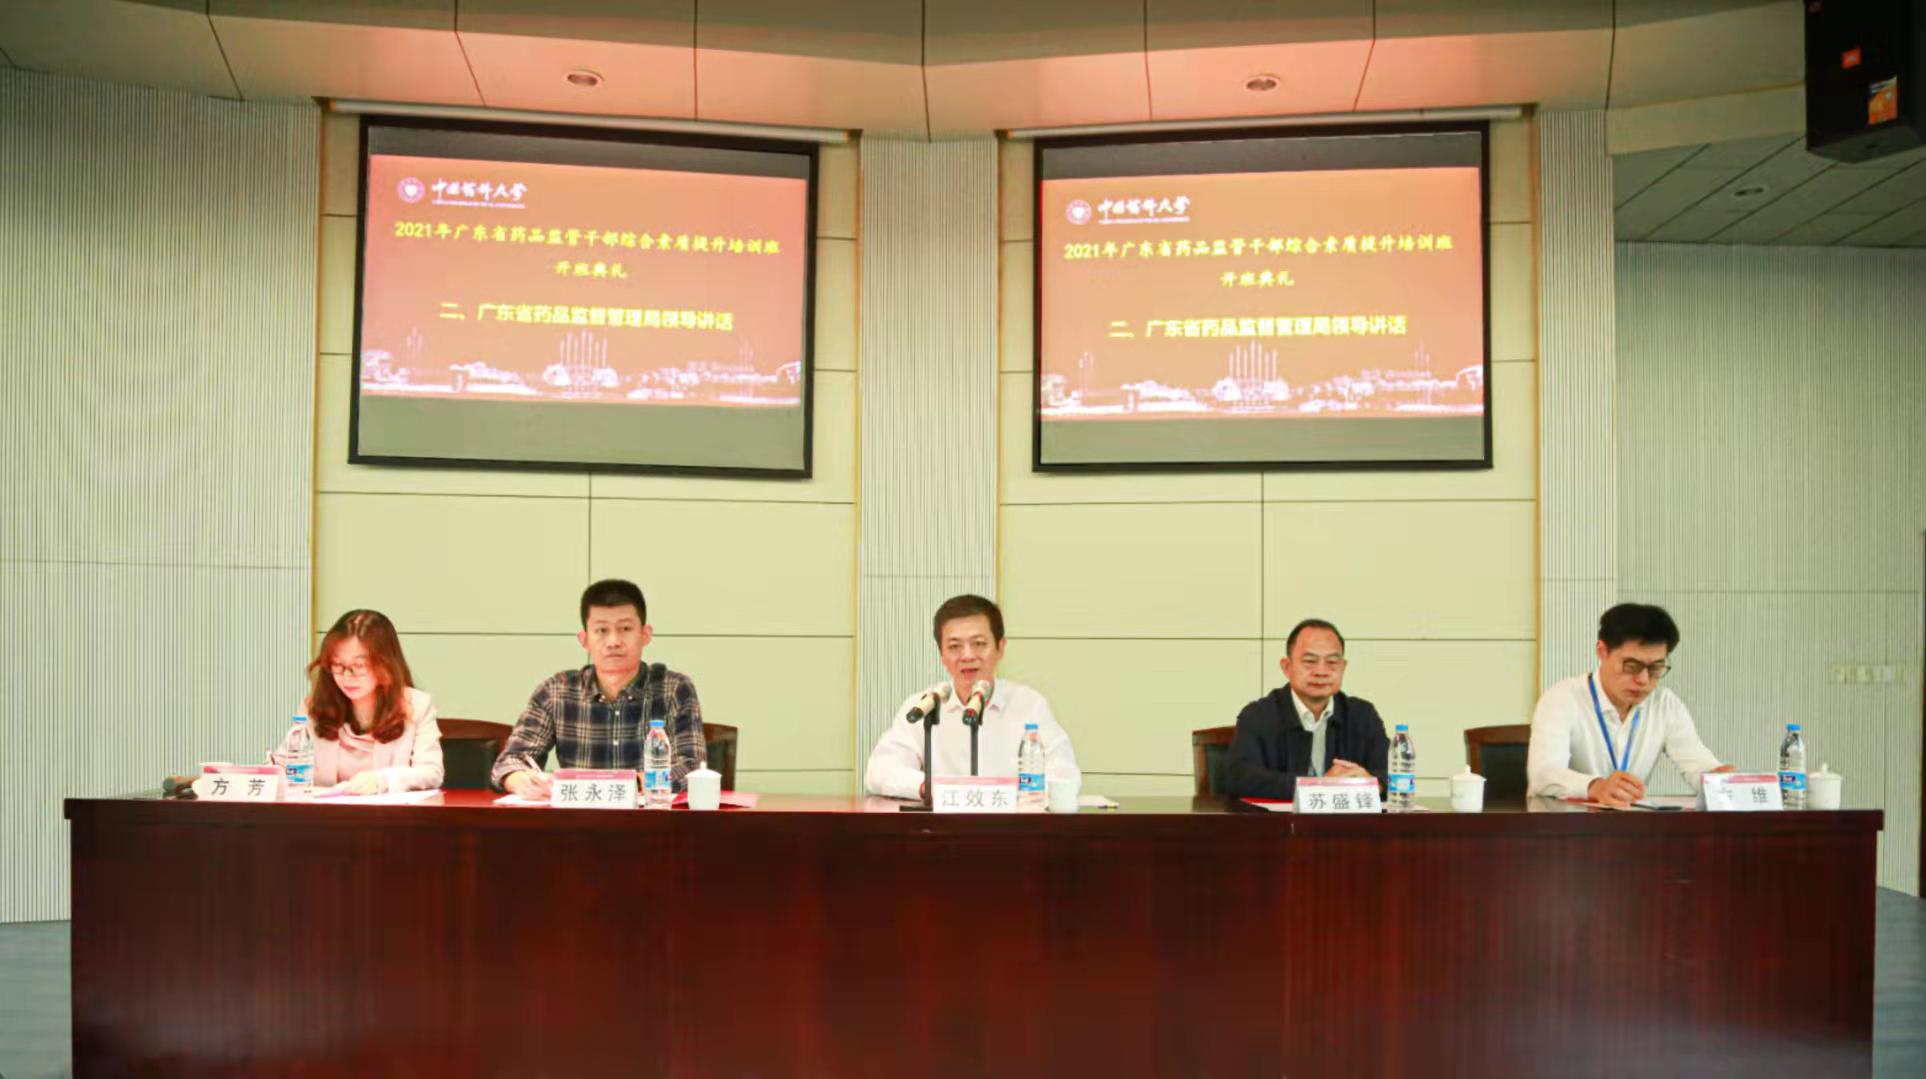 广东省药品监管干部综合素质提升培训班在中国药科大学举办